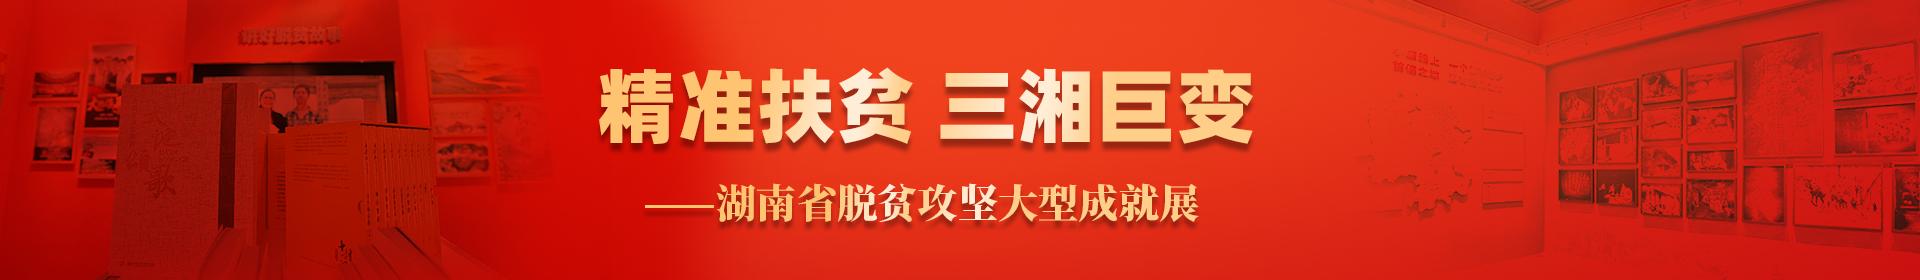 精准扶贫 三湘巨变——湖南省脱贫攻坚大型成就展